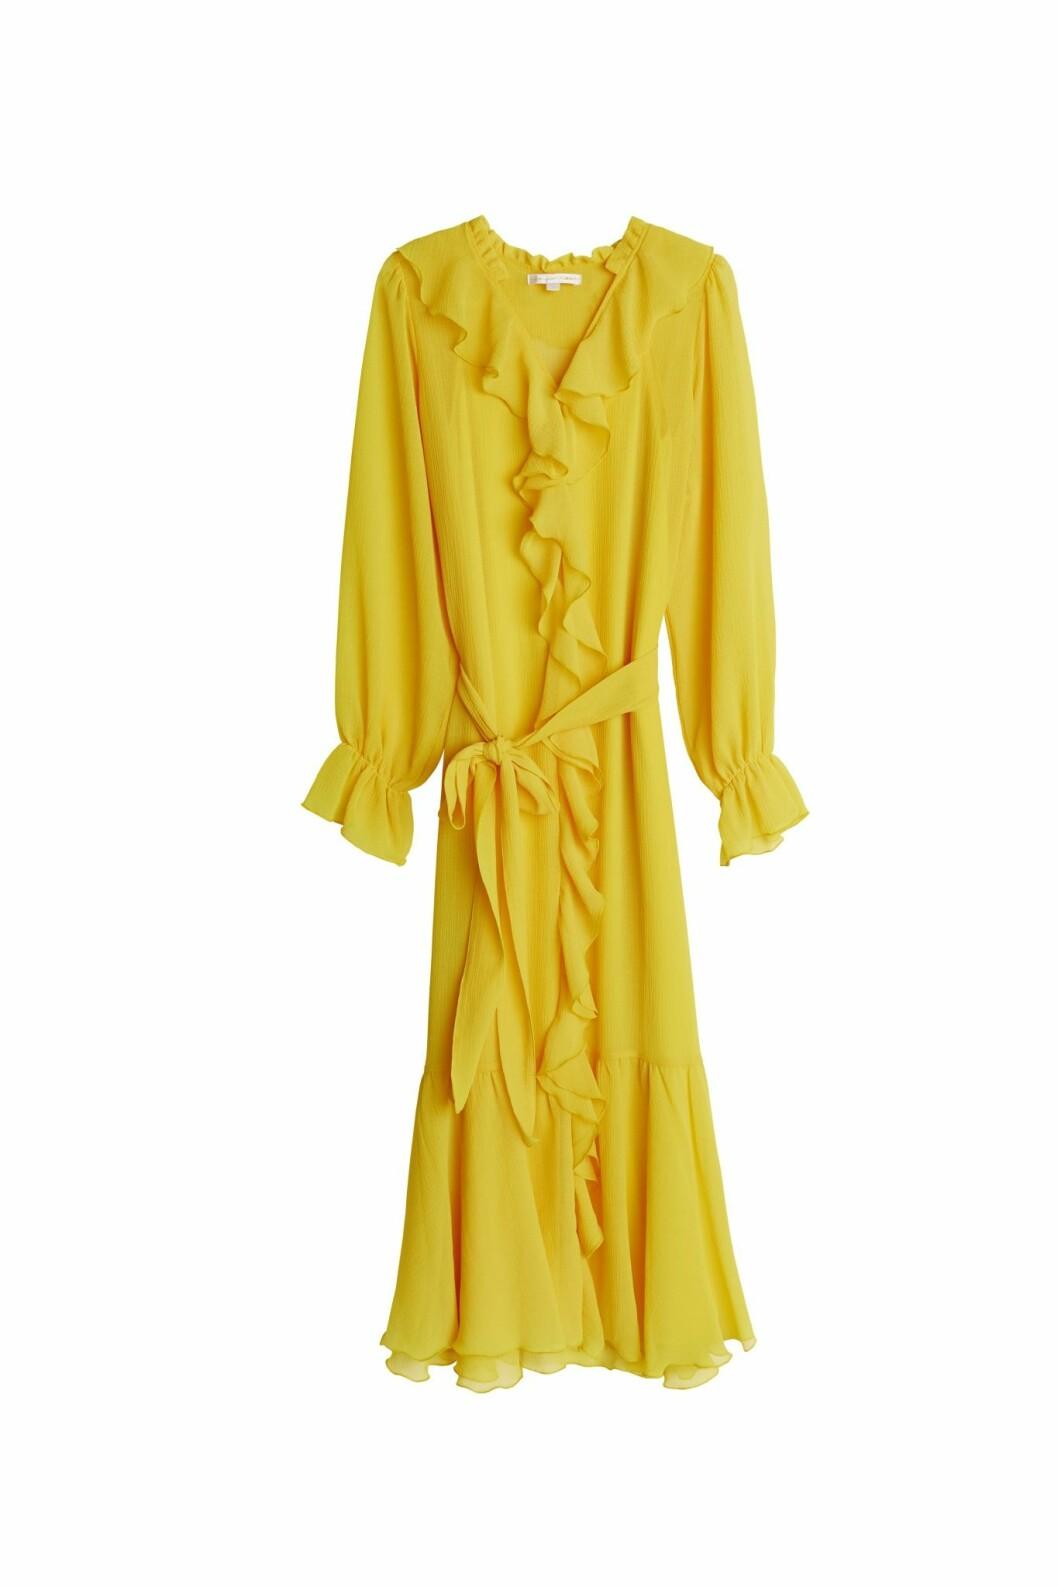 Maja Nilsson Lindelöf gör kollektion med Gina tricot –gul klänning